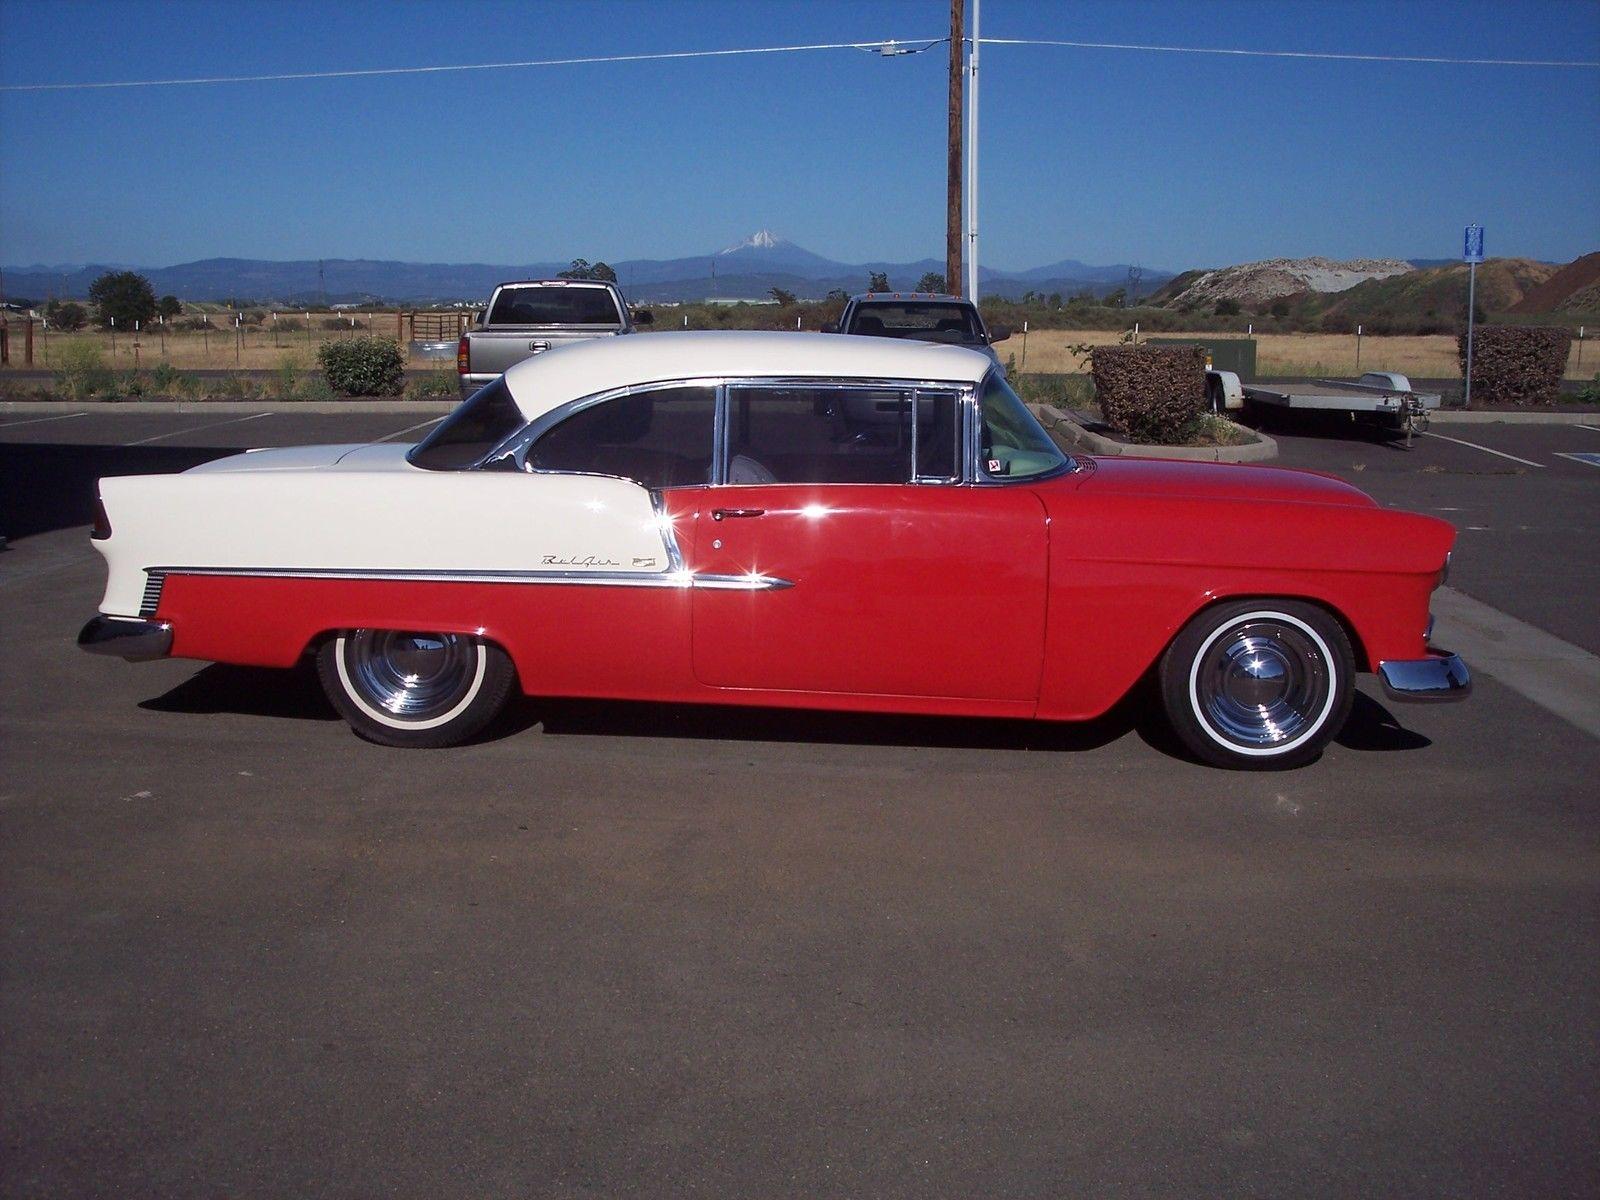 1955 chevrolet bel air 2 door hardtop resto mod custom for 1955 chevy belair 2 door hardtop for sale